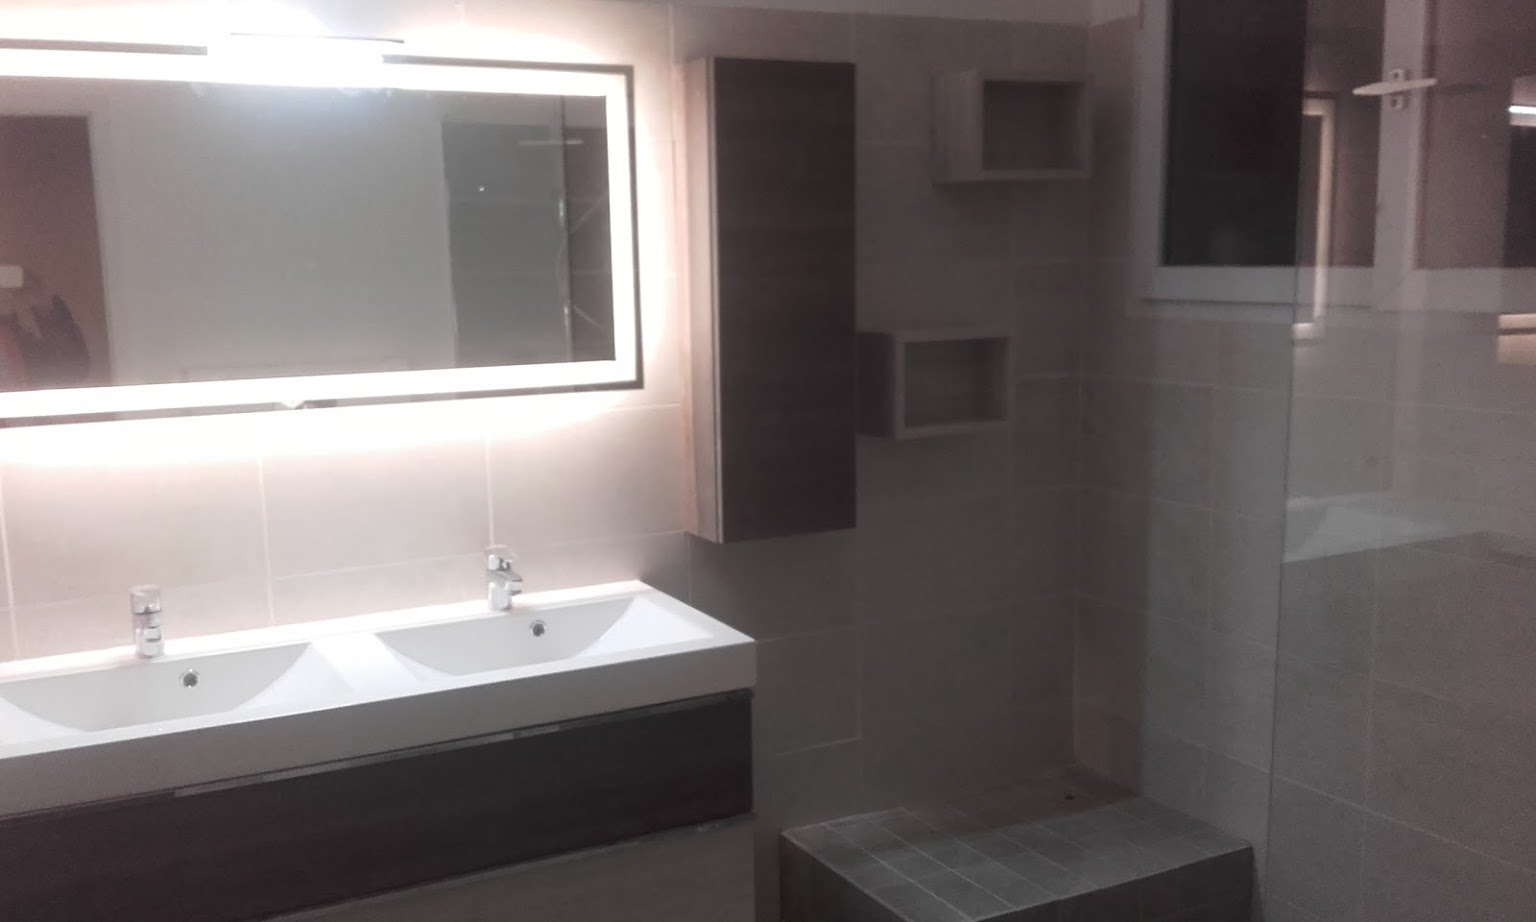 Rénovation salle de bain Montpellier - NG Plomberie